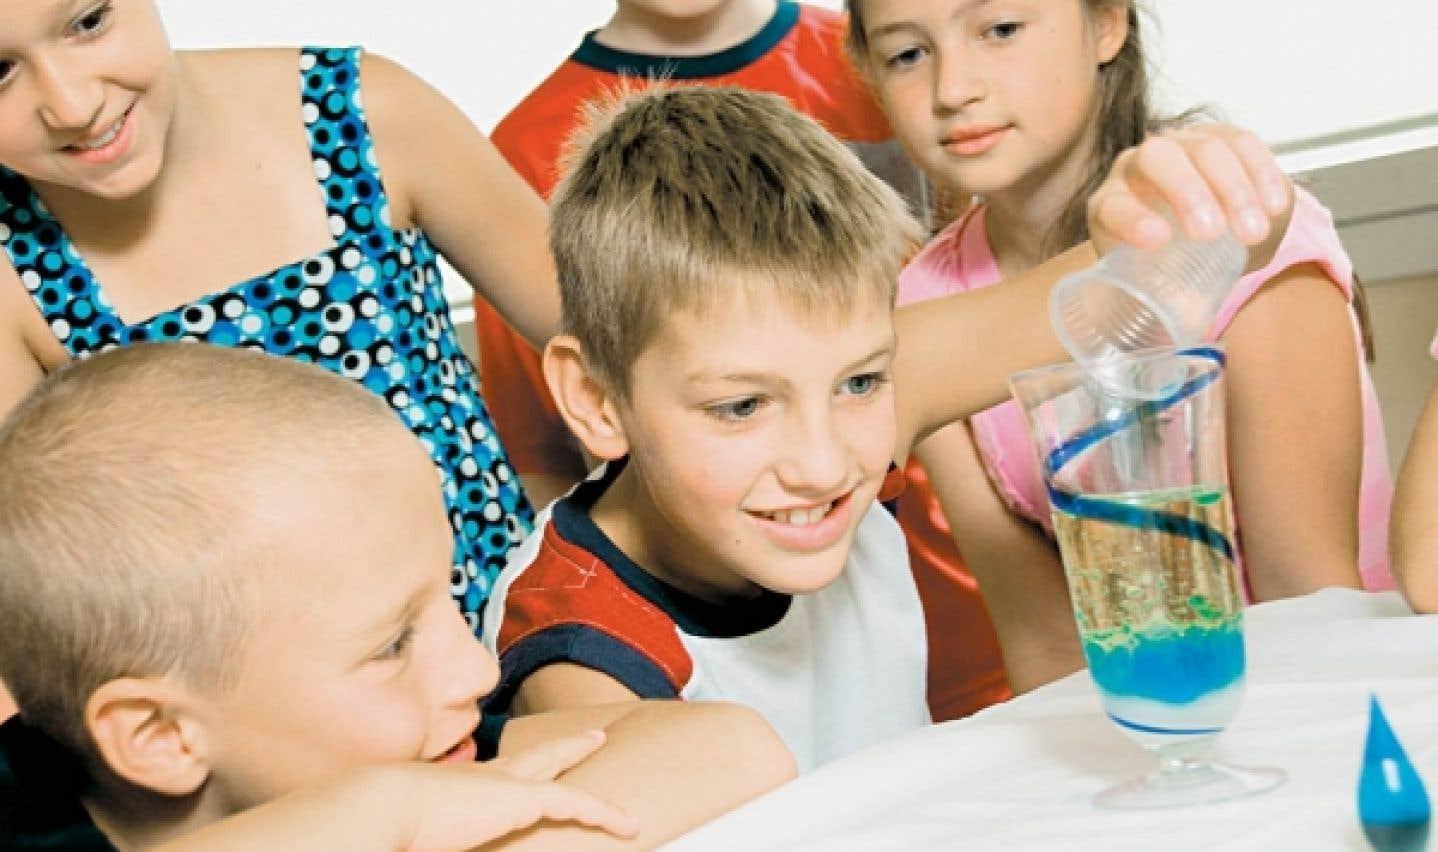 Les enfants qui participent aux rencontres du Club des Débrouillards ont la possibilité d'apprendre de nombreux principes scientifiques tout en s'amusant.